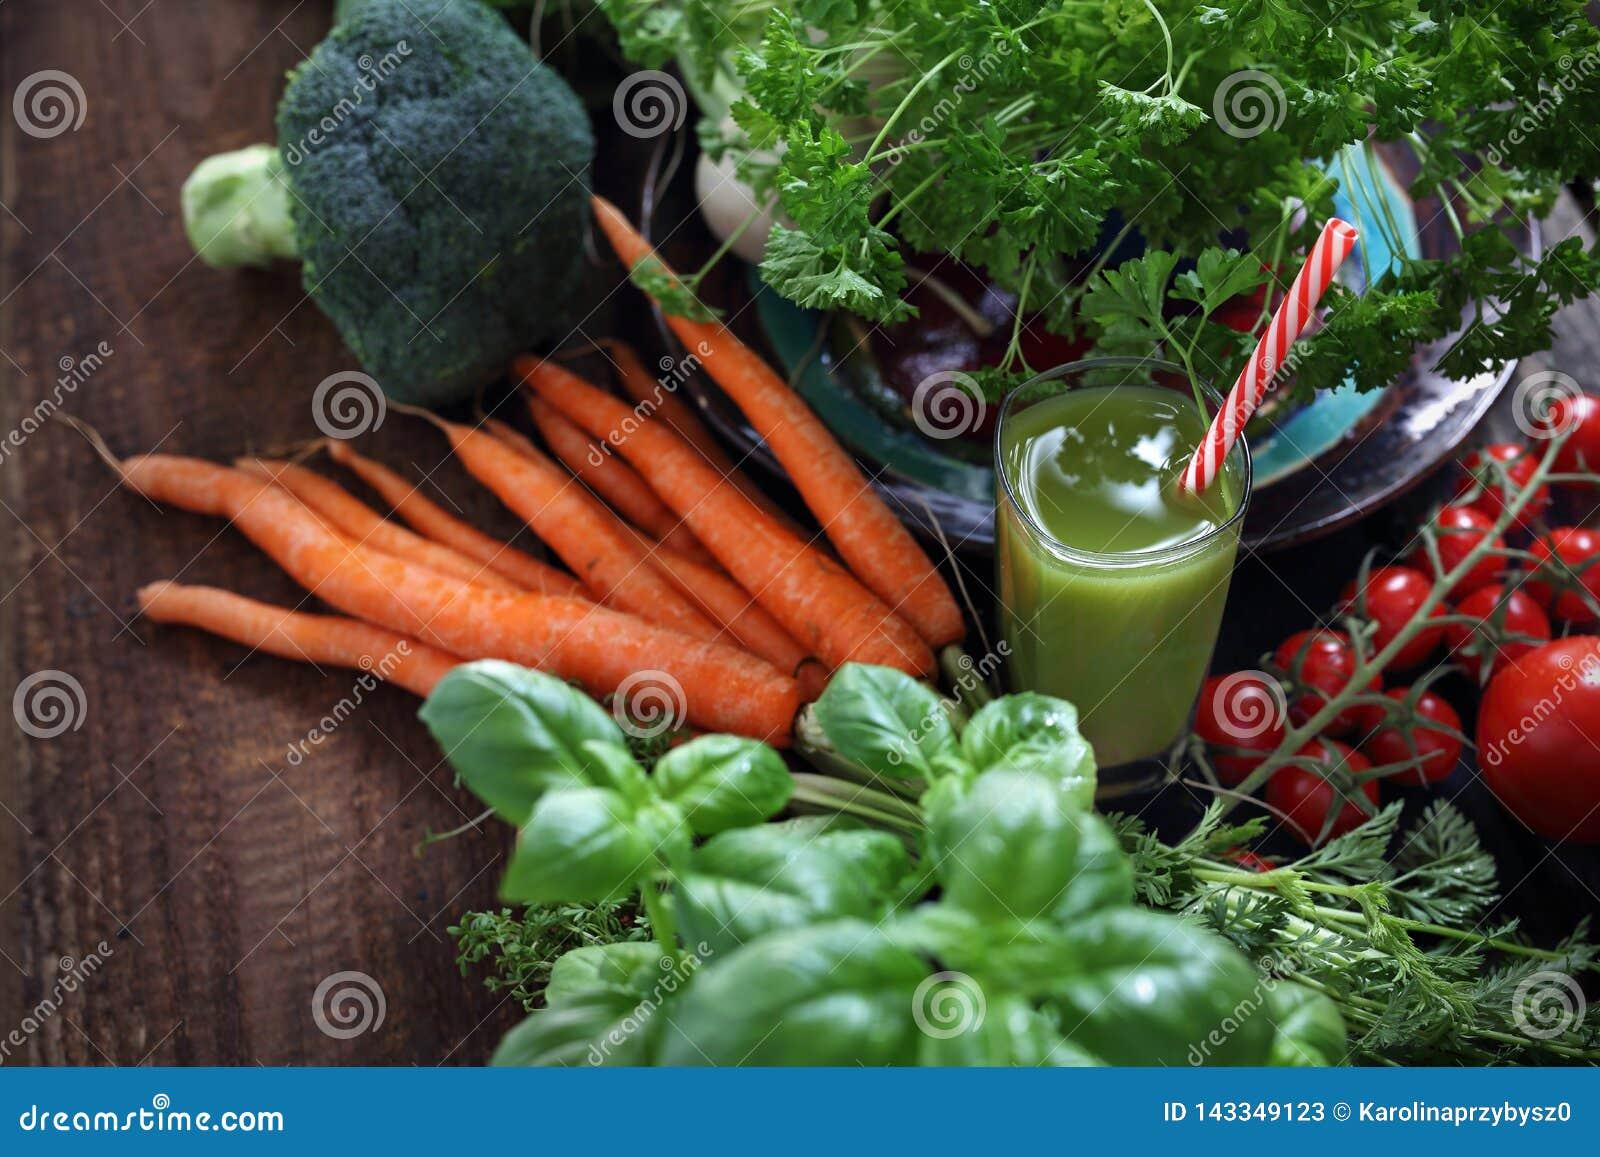 Groene plantaardige smoothie Organische groenten rechtstreeks van de tuin en een glas van drank